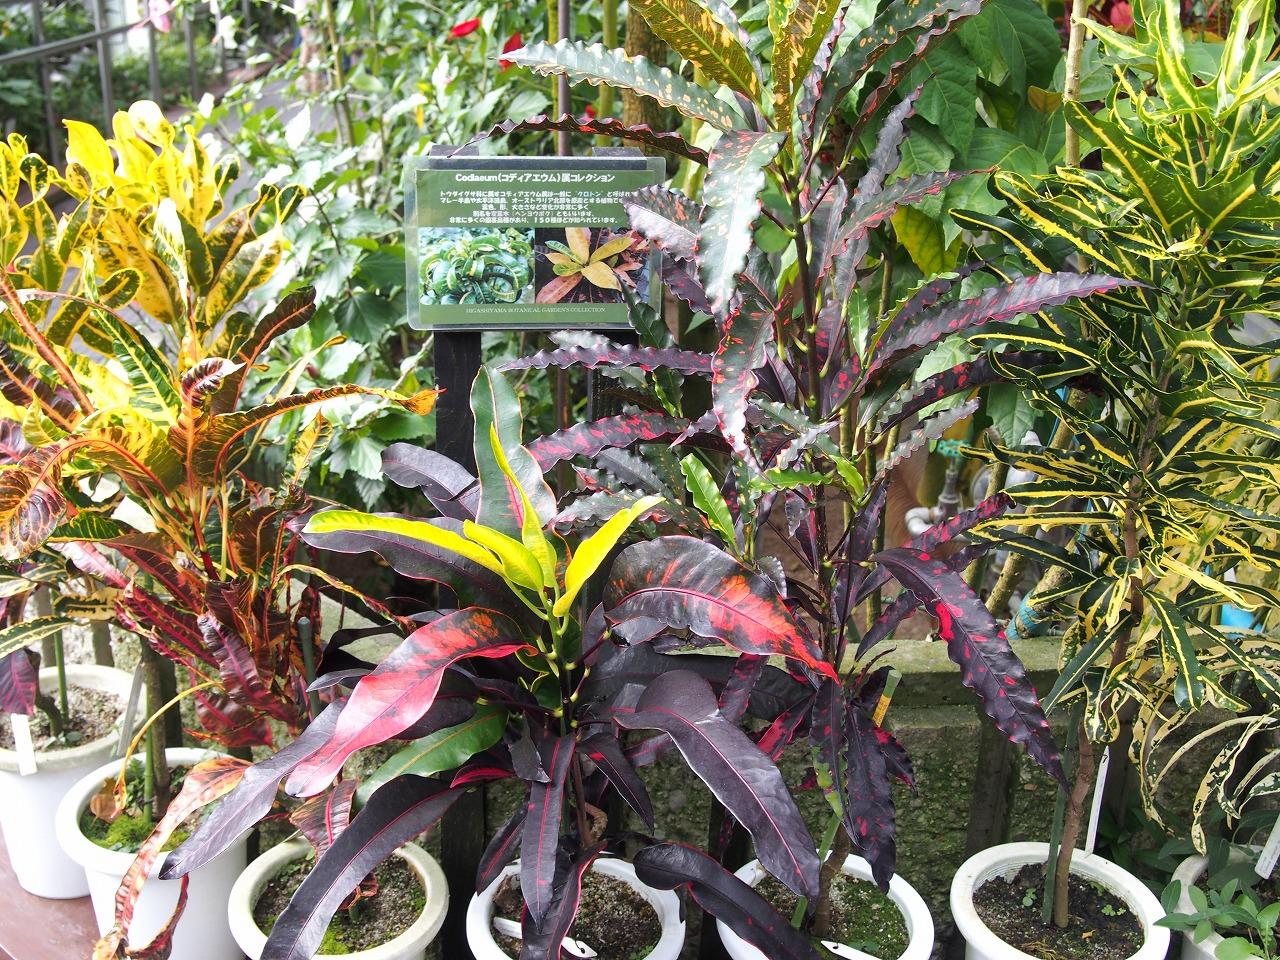 BotanicalGarden72_20141115.jpg